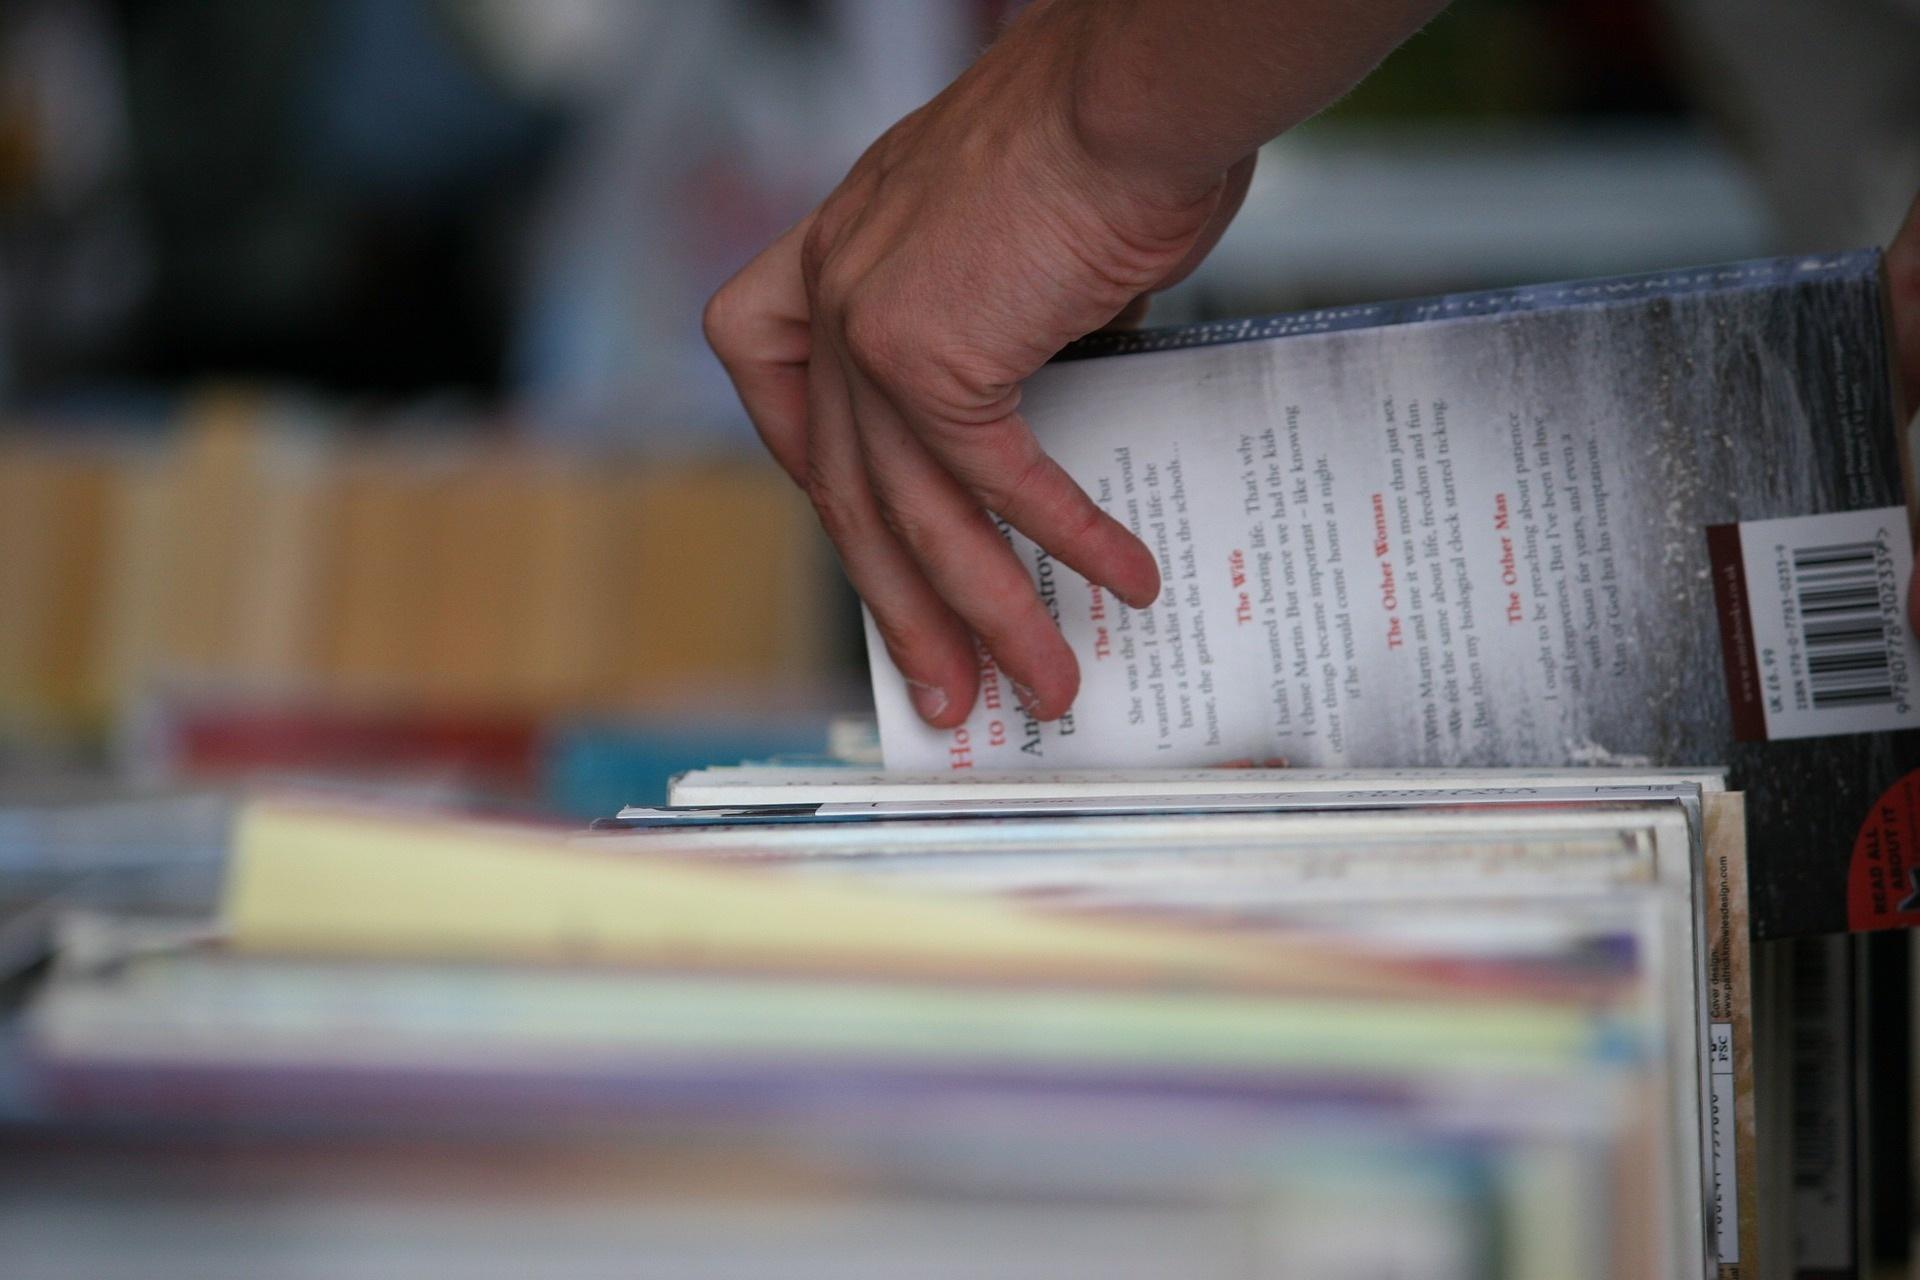 books-2566812_1920.jpg